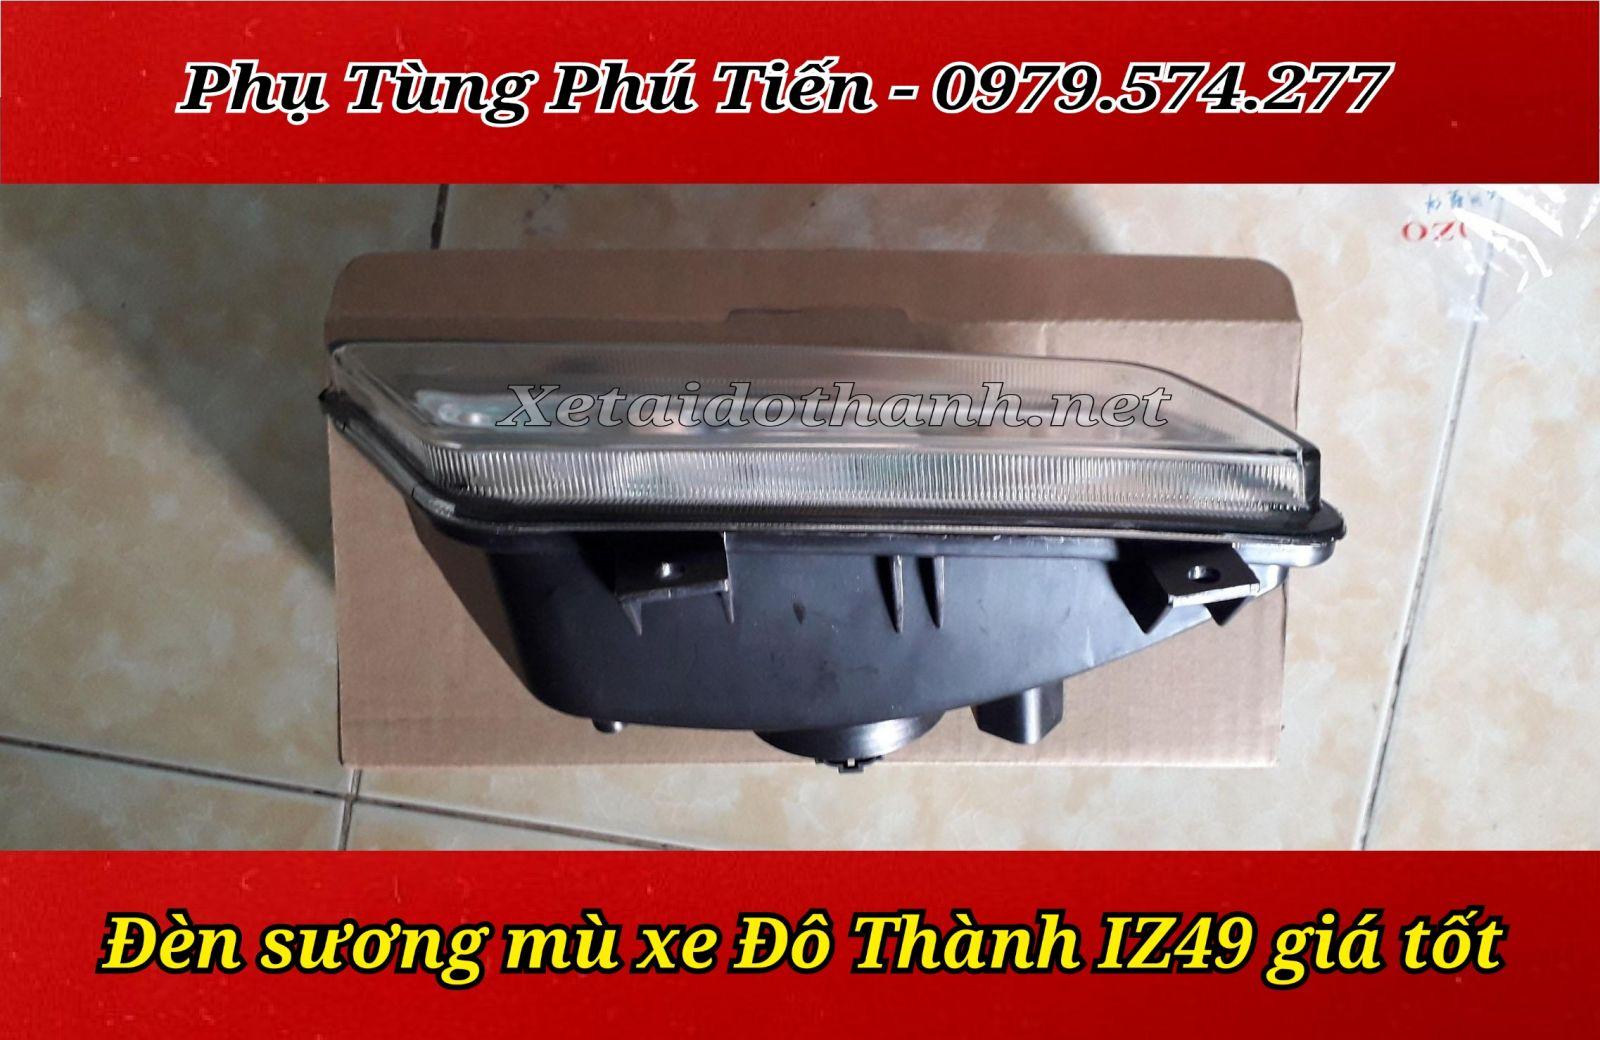 Đèn sương mù xe tải IZ49 chất lượng - giá tốt